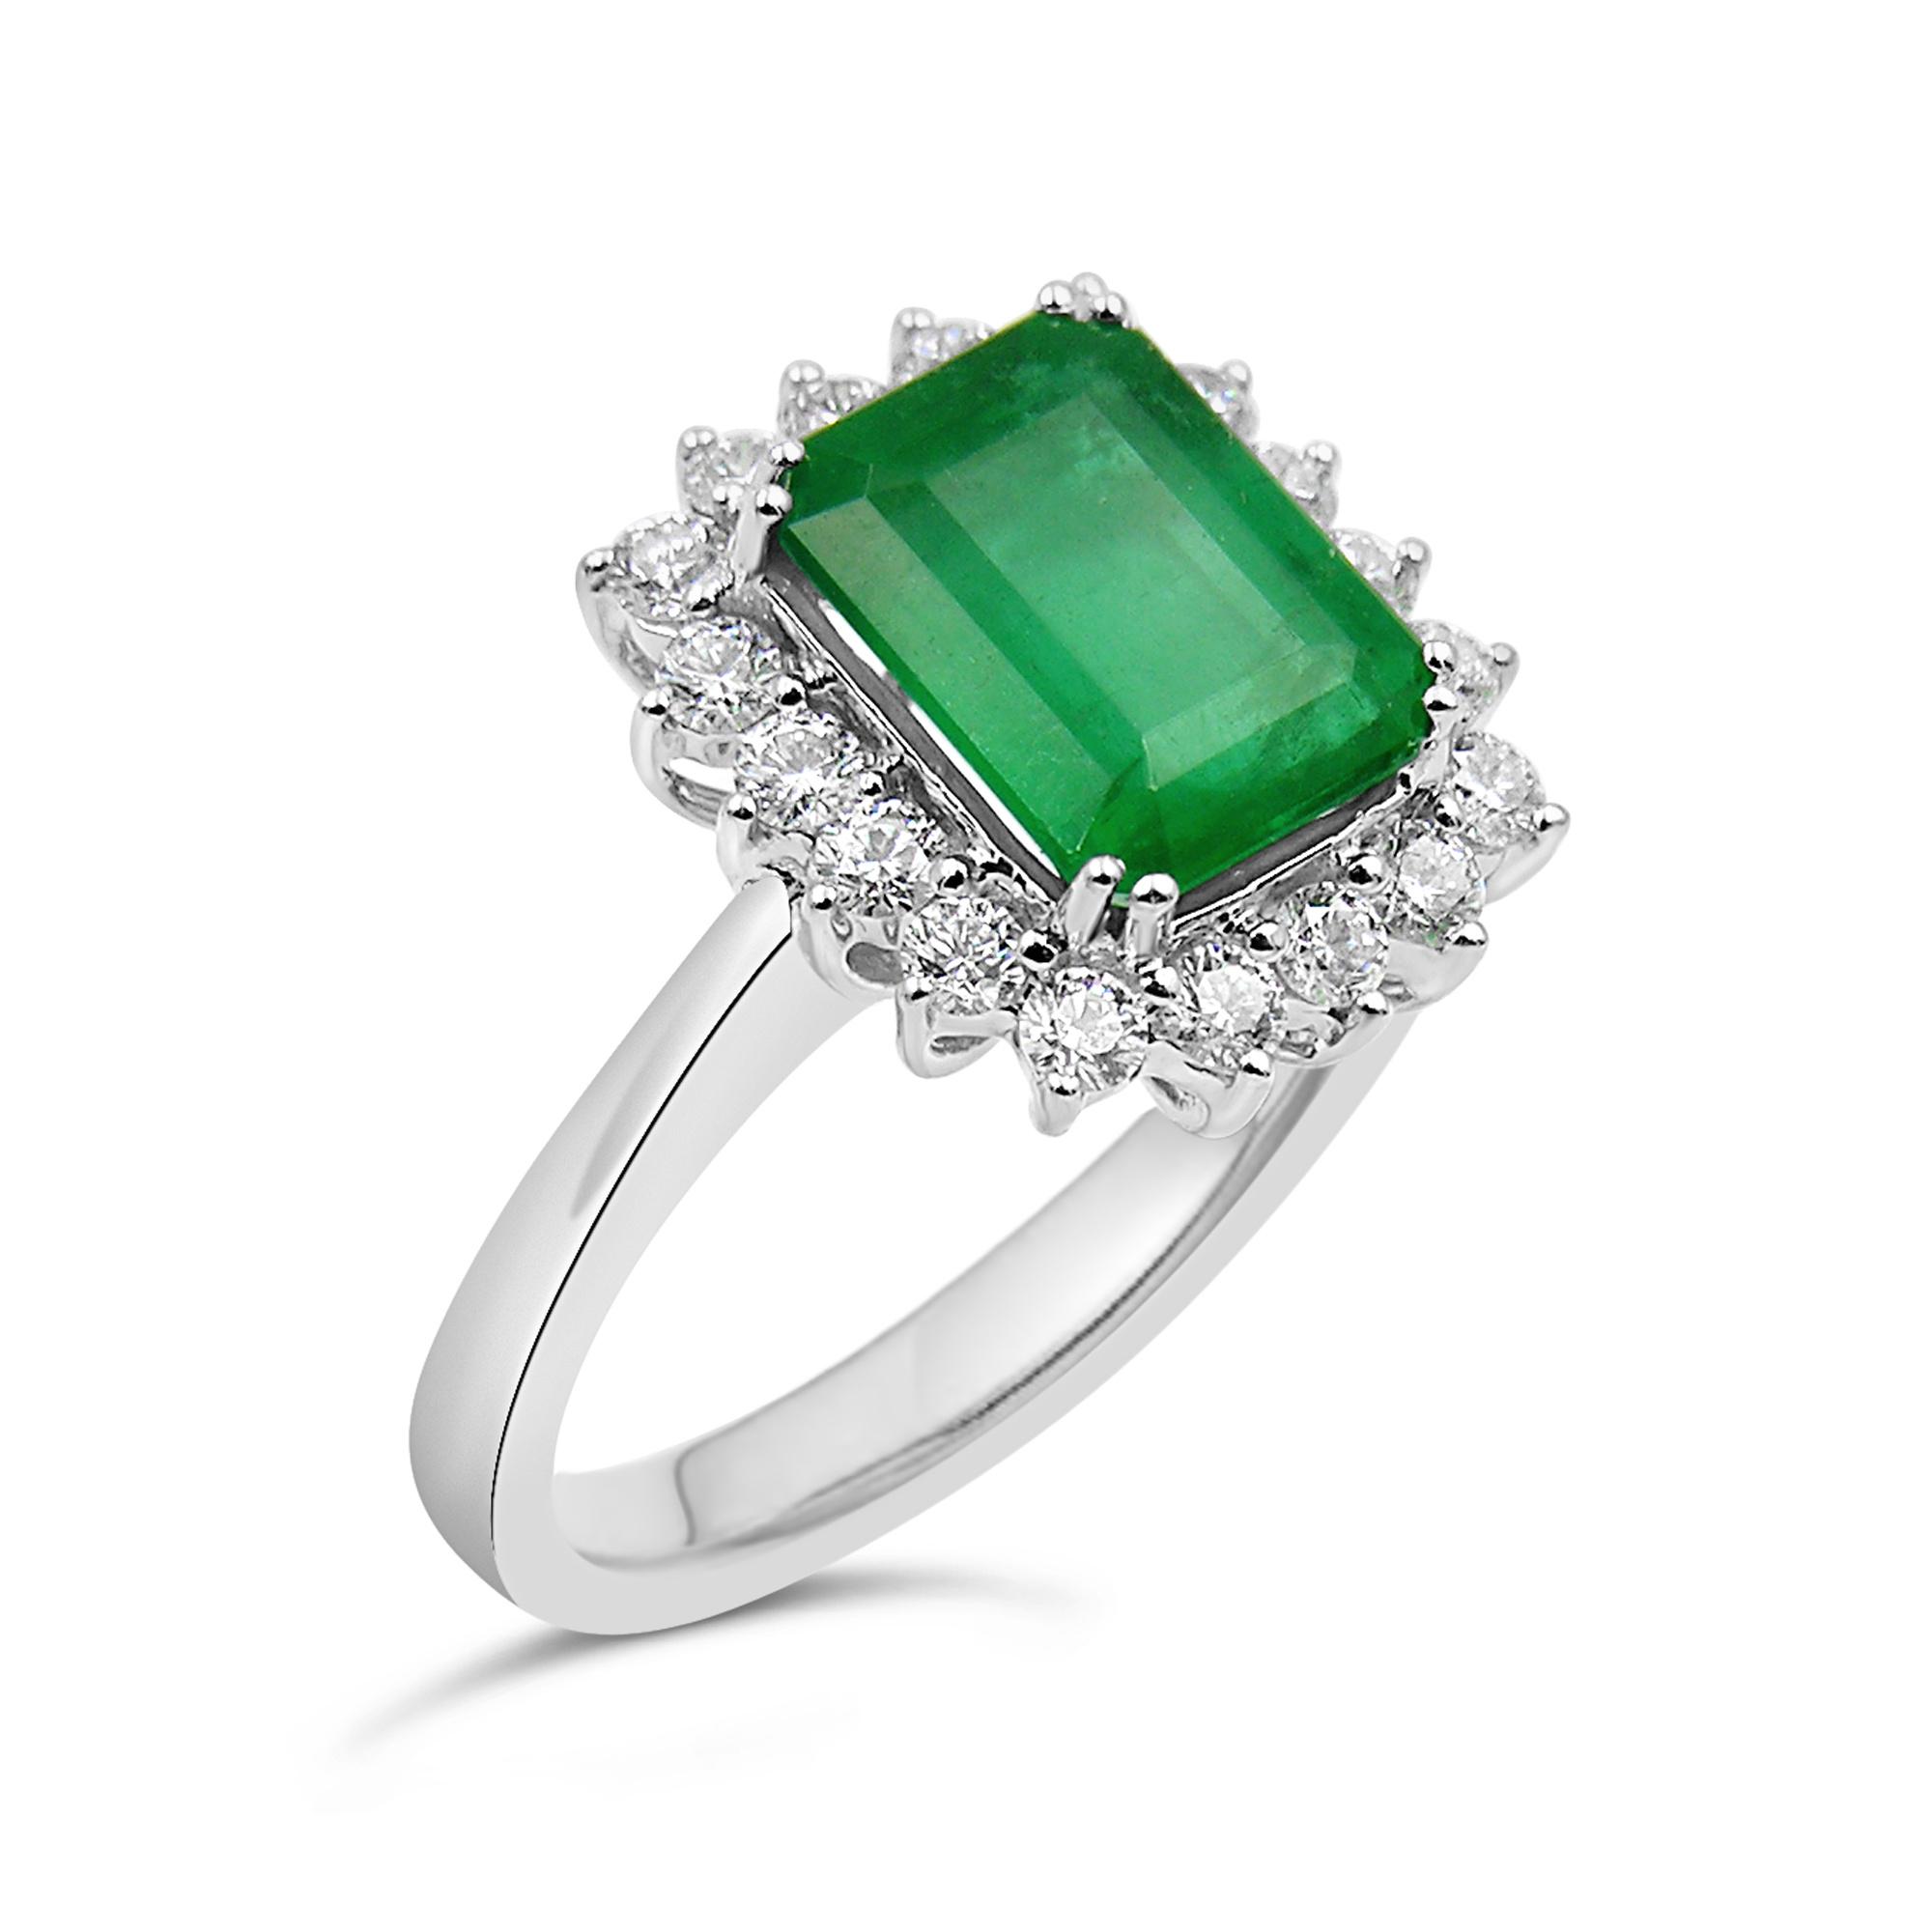 18 karaat wit goud ring met 0.42 ct diamanten & 4.80 ct smaragd